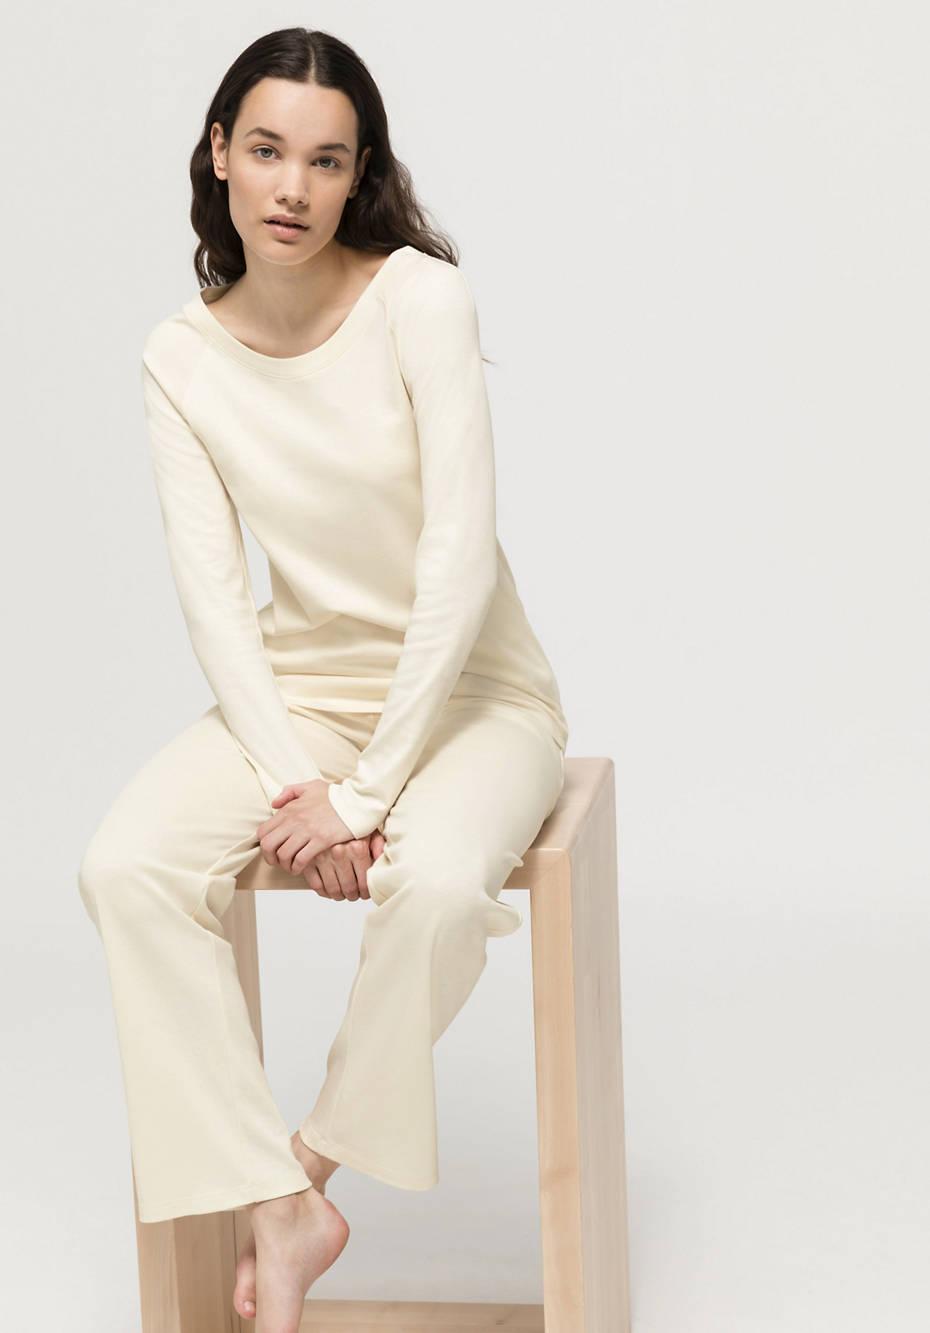 Damen Schlafshirt ModernNATURE aus reiner Bio-Baumwolle